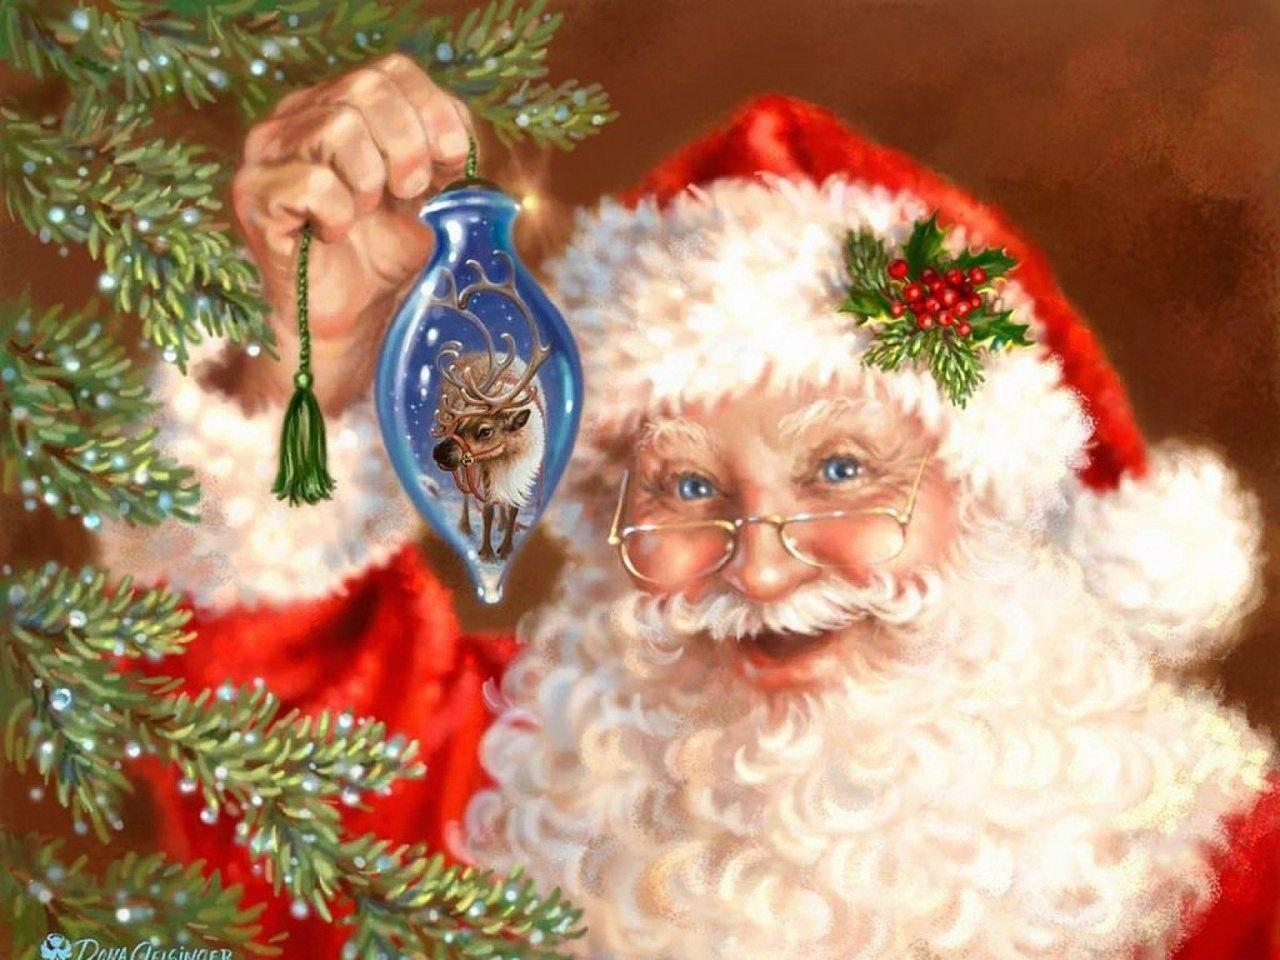 Санта Клаус в очках держит в руке елочную игрушку, by Dona Gelsinger